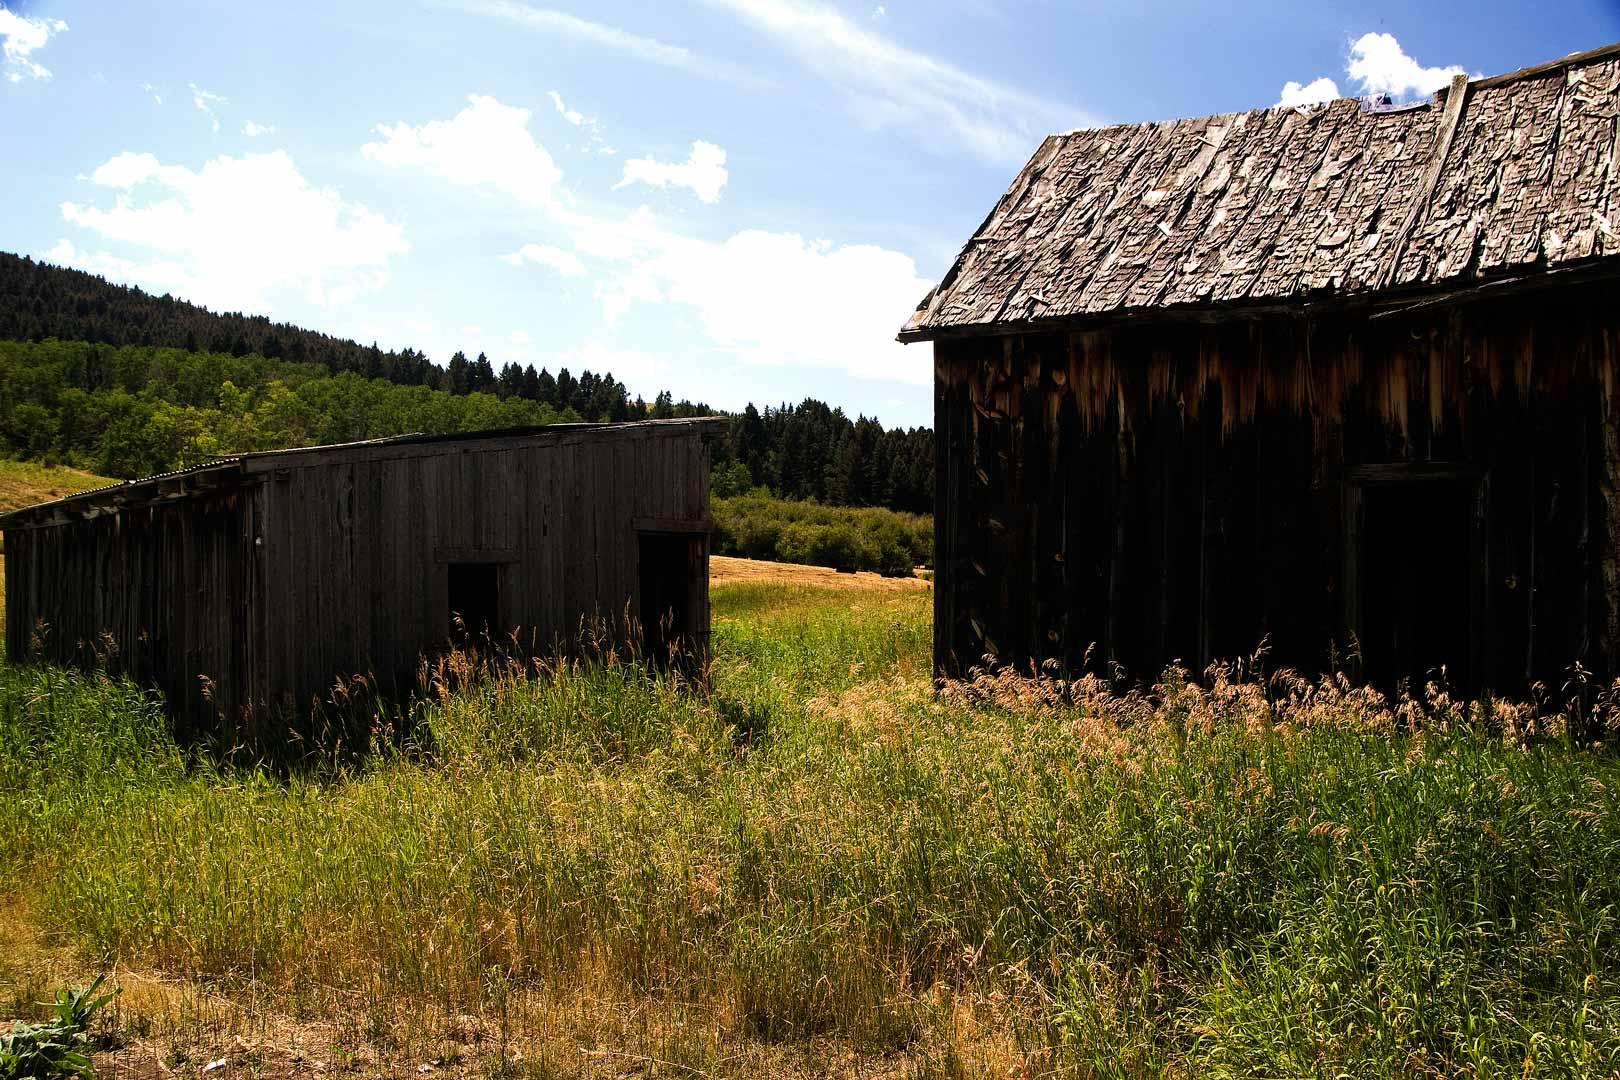 Shiell homestead